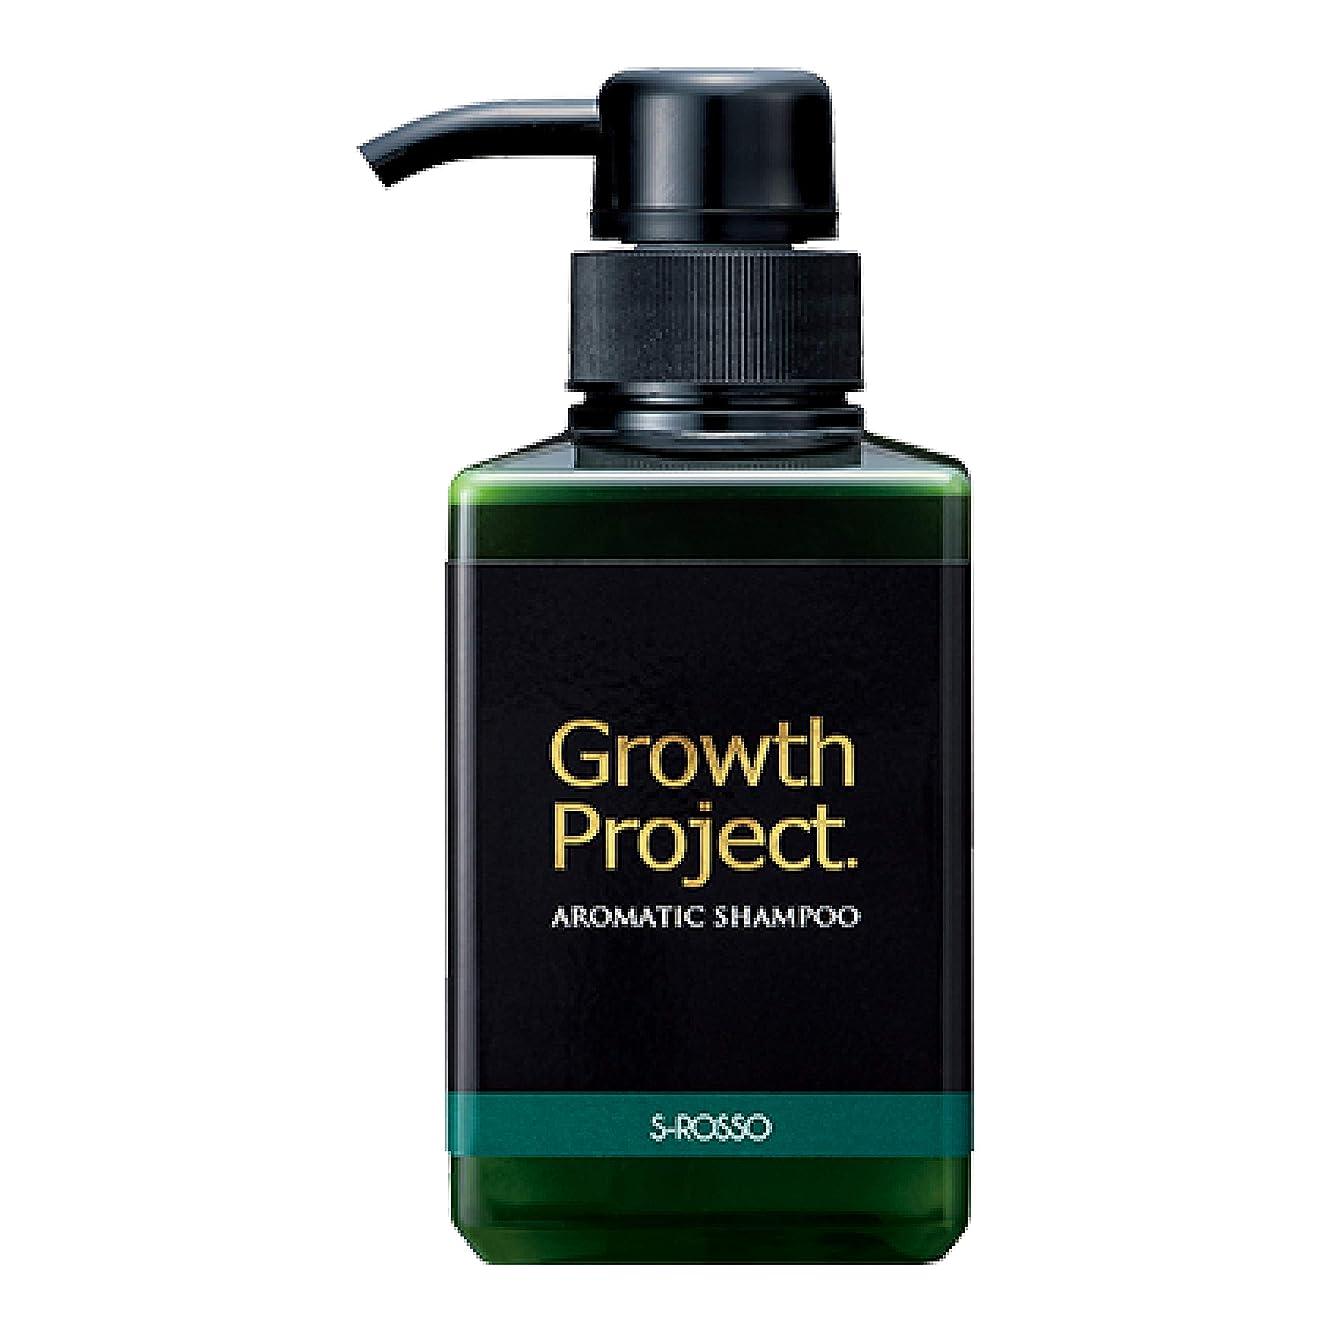 ジュニア二十粒Growth Project. アロマシャンプー 300ml